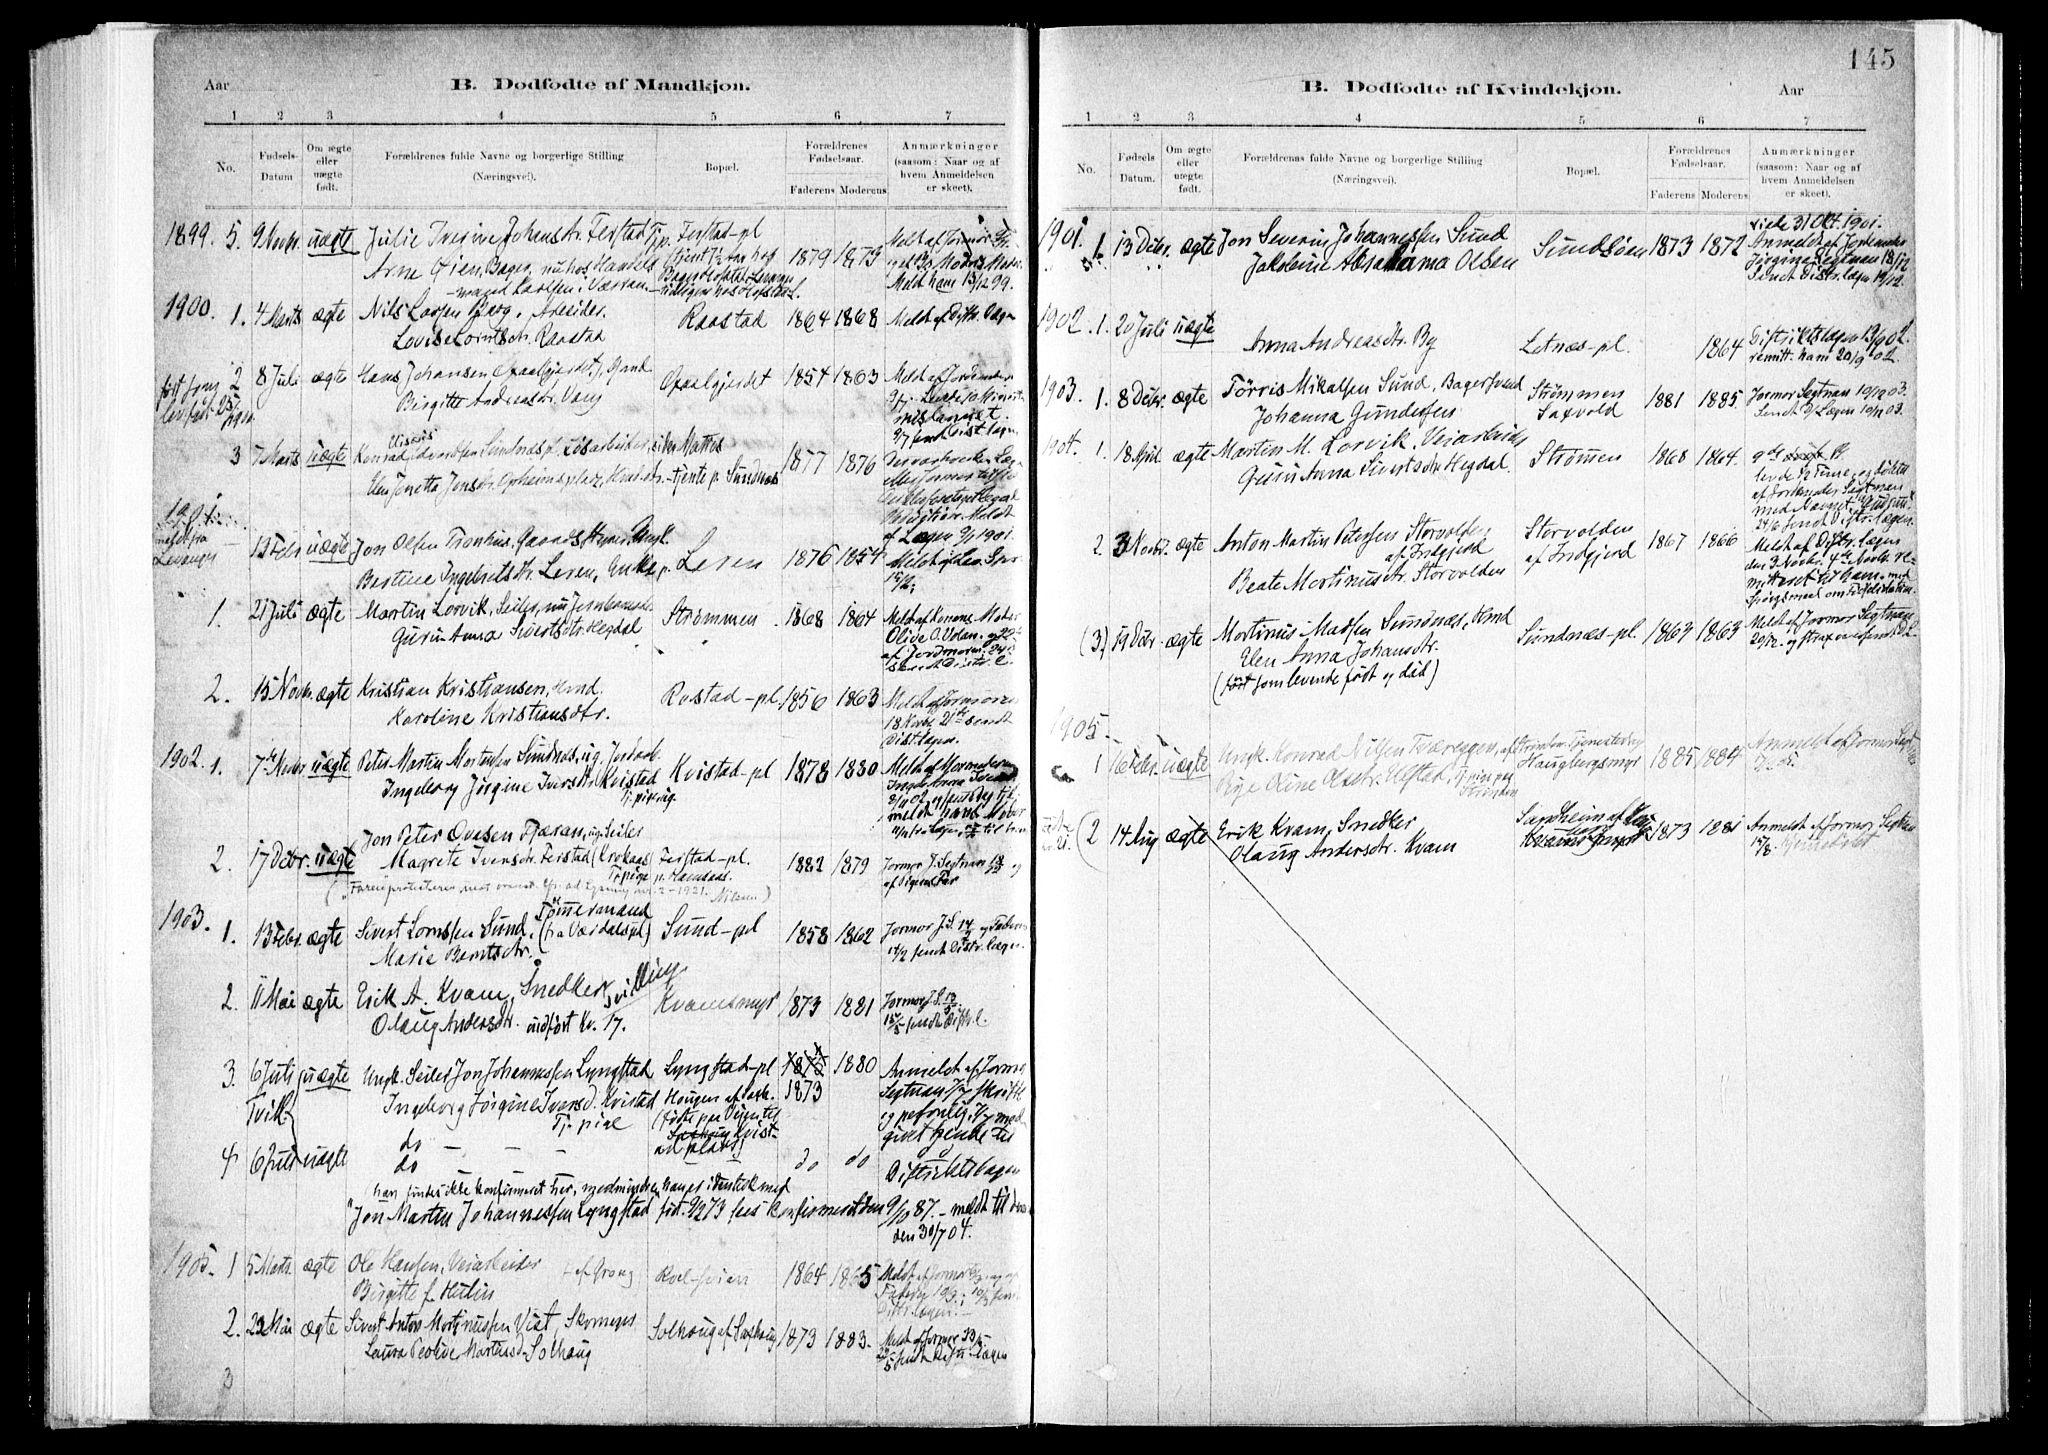 SAT, Ministerialprotokoller, klokkerbøker og fødselsregistre - Nord-Trøndelag, 730/L0285: Ministerialbok nr. 730A10, 1879-1914, s. 145